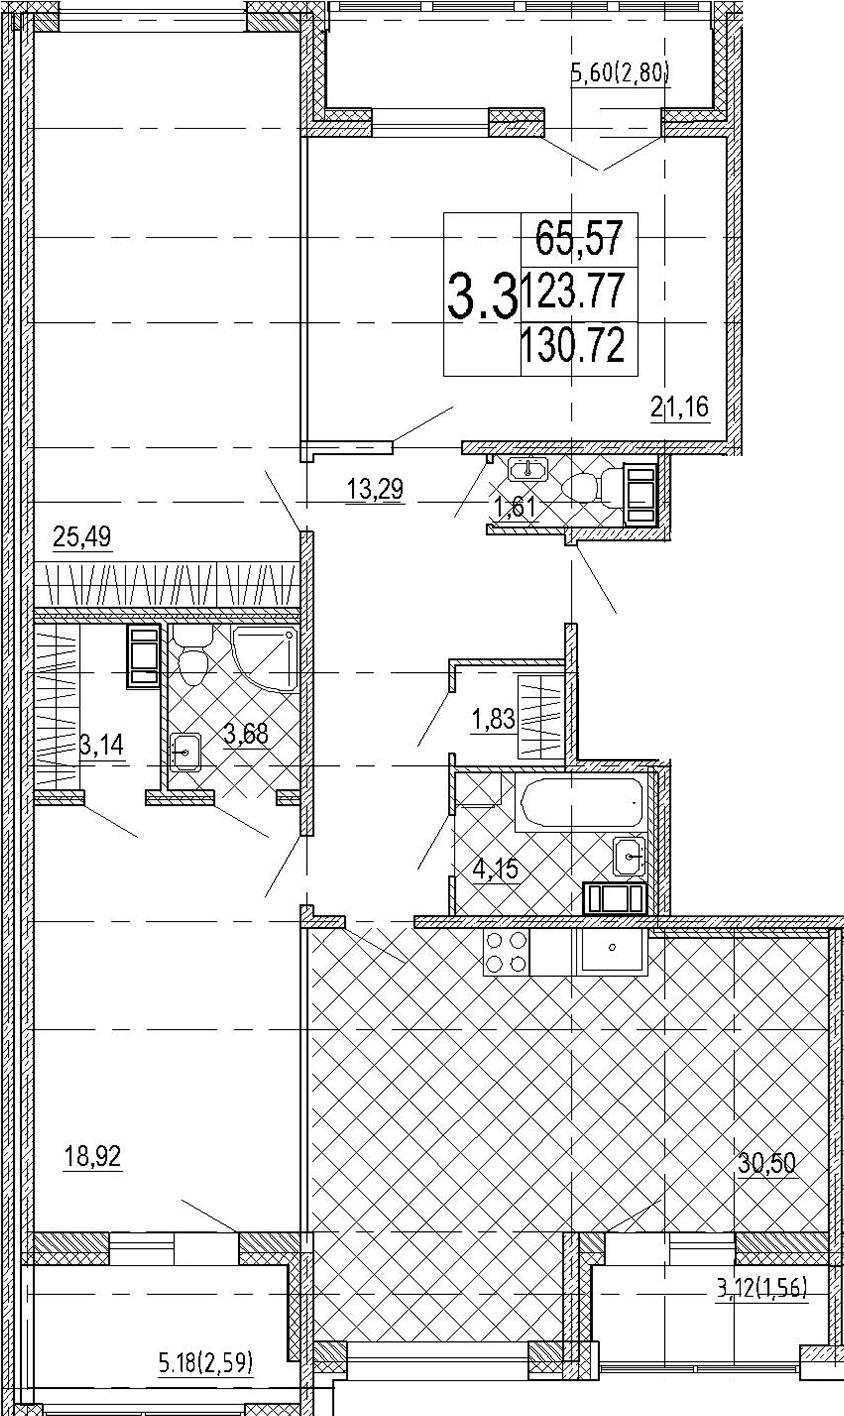 4Е-комнатная, 130.72 м²– 2